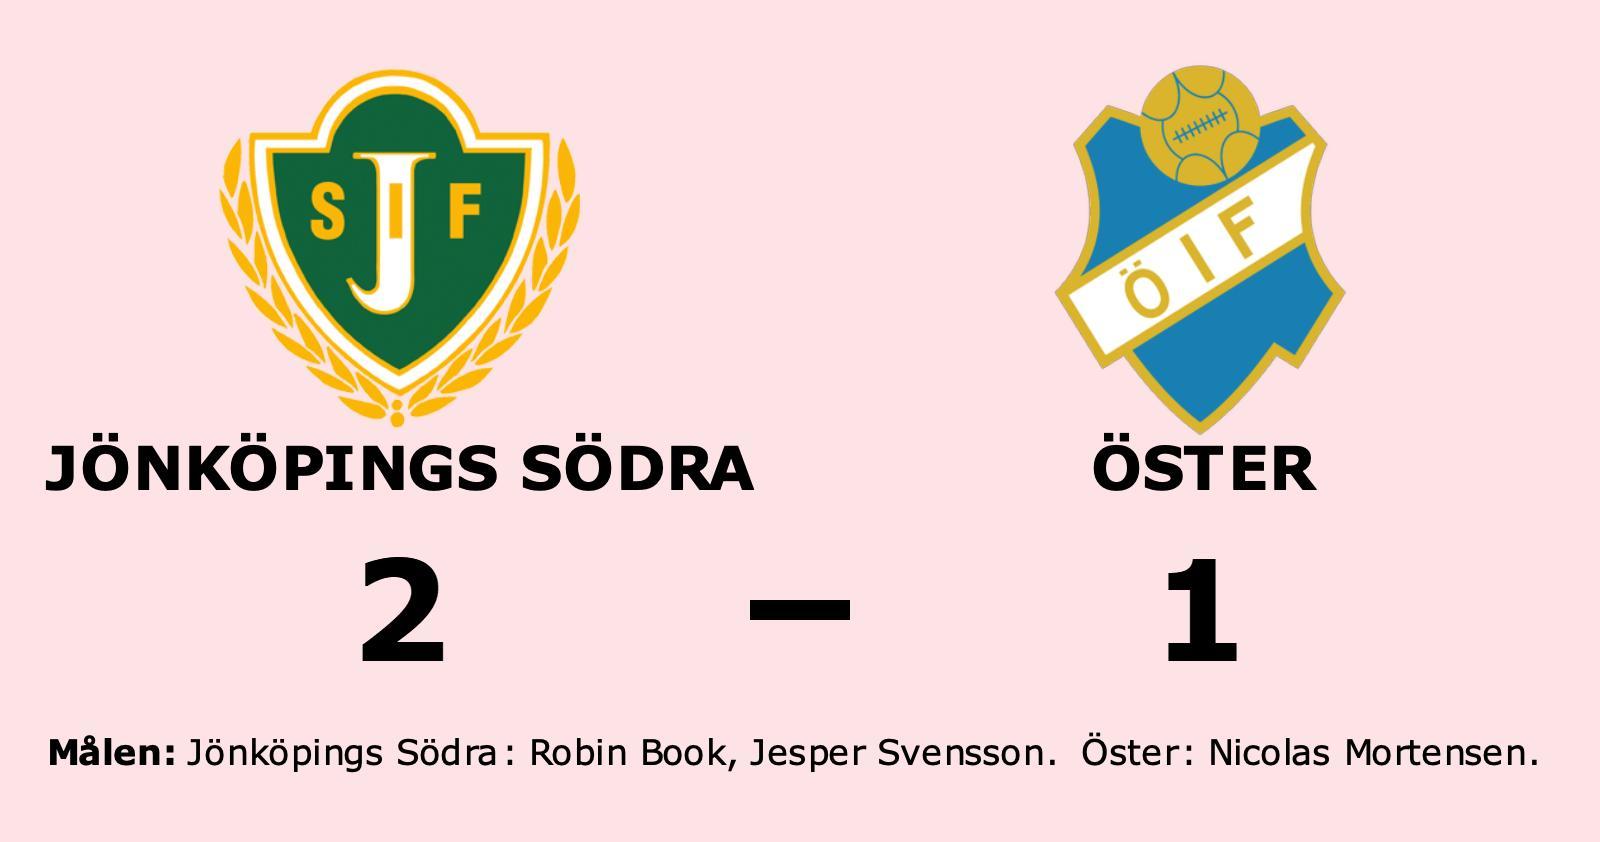 Jönköpings Södra besegrade Öster på hemmaplan